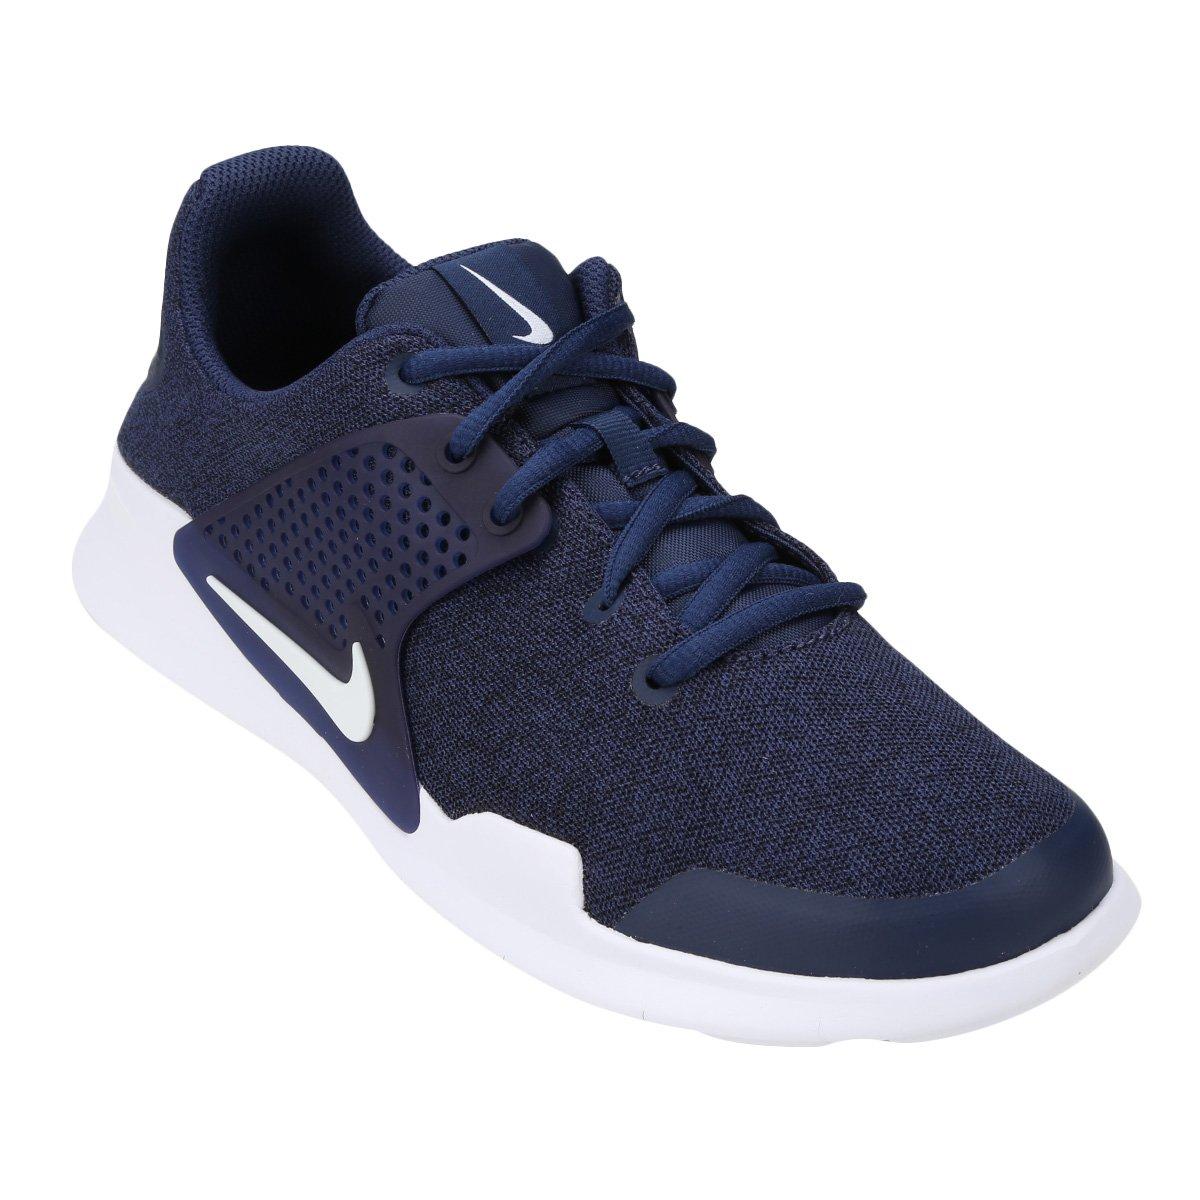 Tênis Nike Arrowz - Marinho e Branco - Compre Agora  325b21a09aa2f